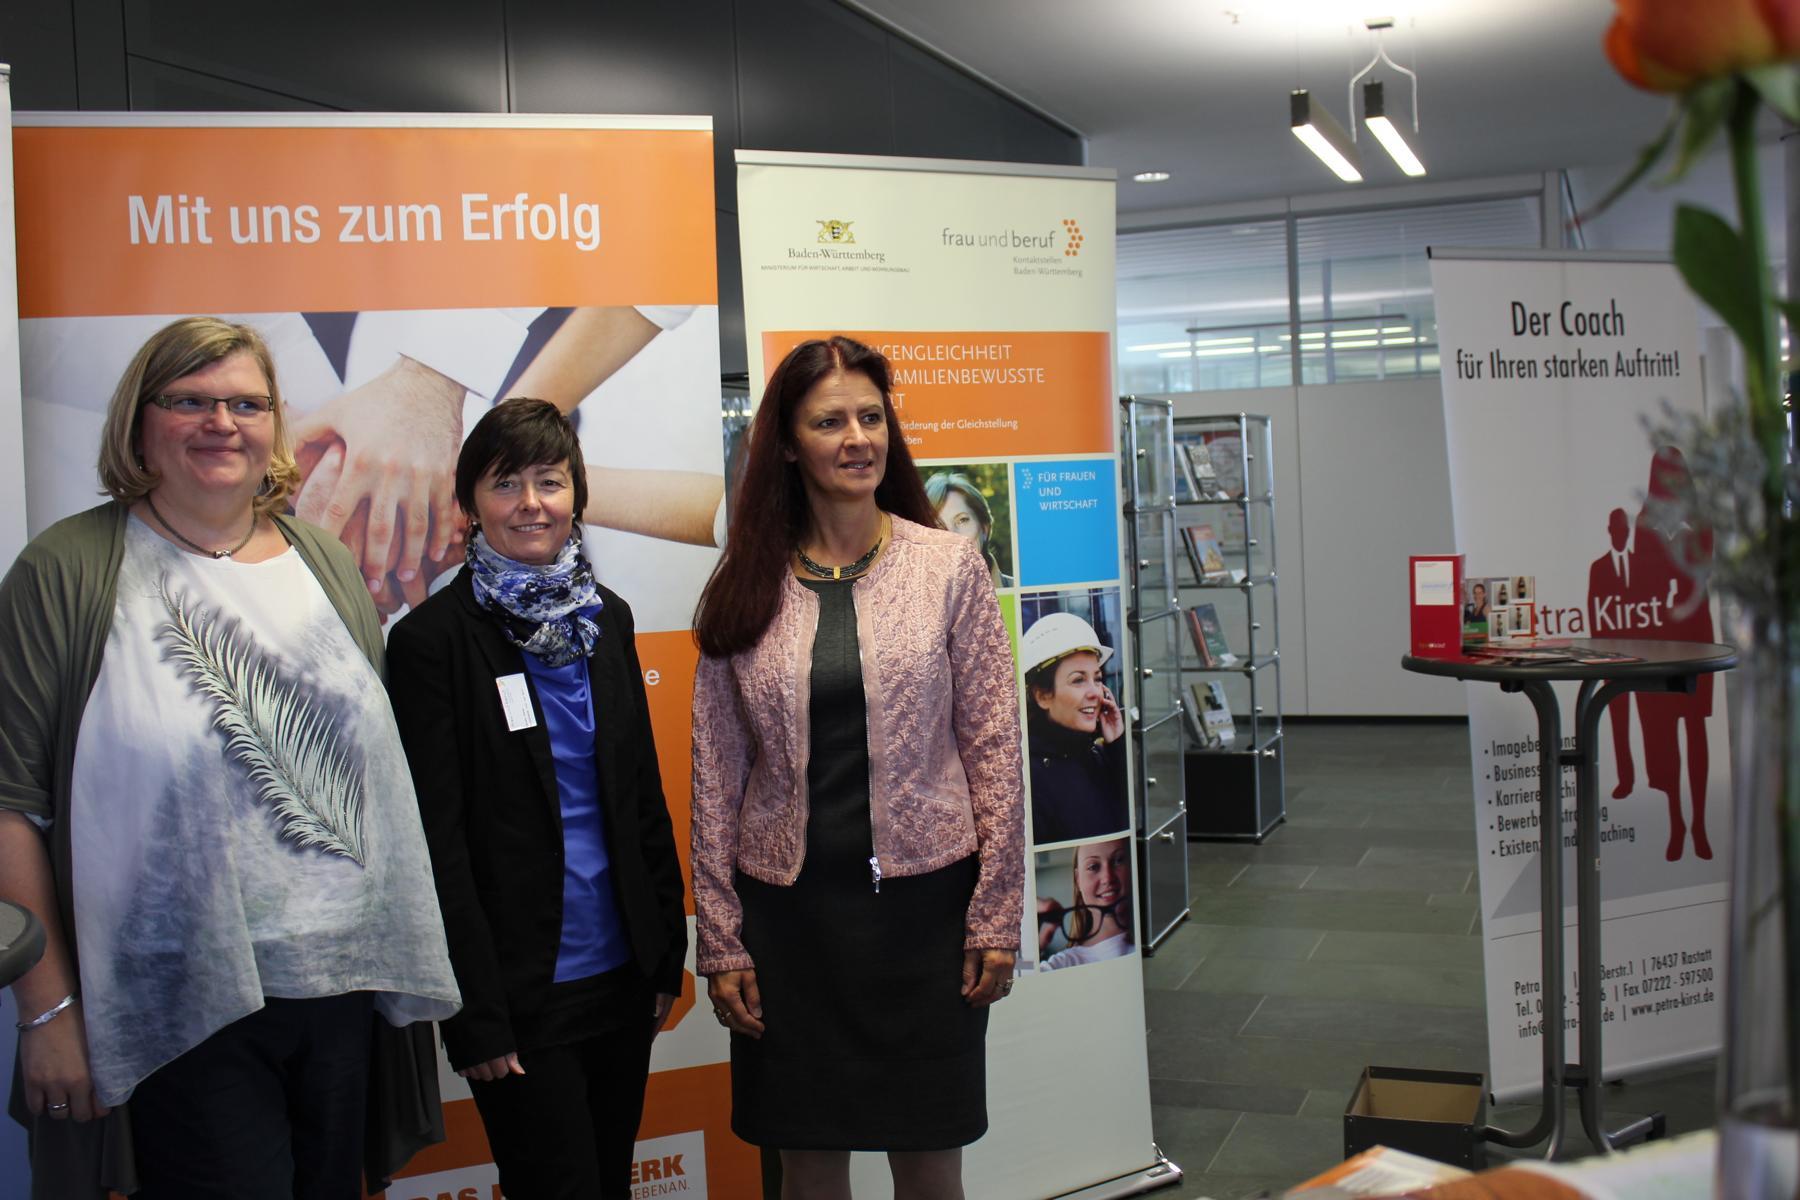 09-18 Vertreterinnen HWK (s. Harnapp) und Kontaktstelle Frau und Beruf, Karlsruhe